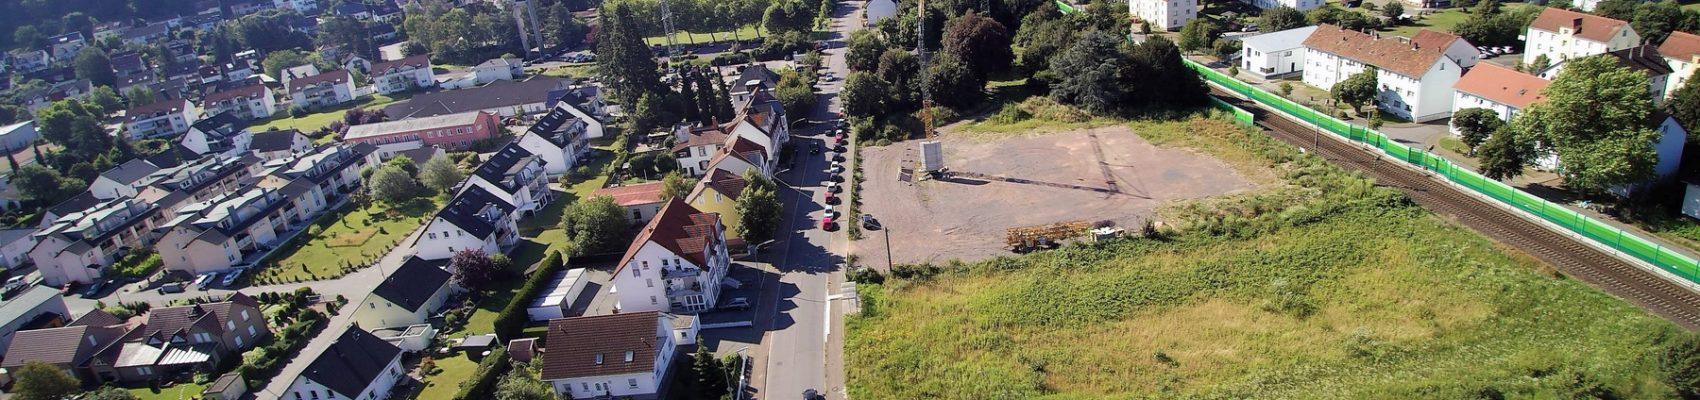 Bau vom Wohn- und Dienstleistungspark am Gesundheitscampus in Merzig